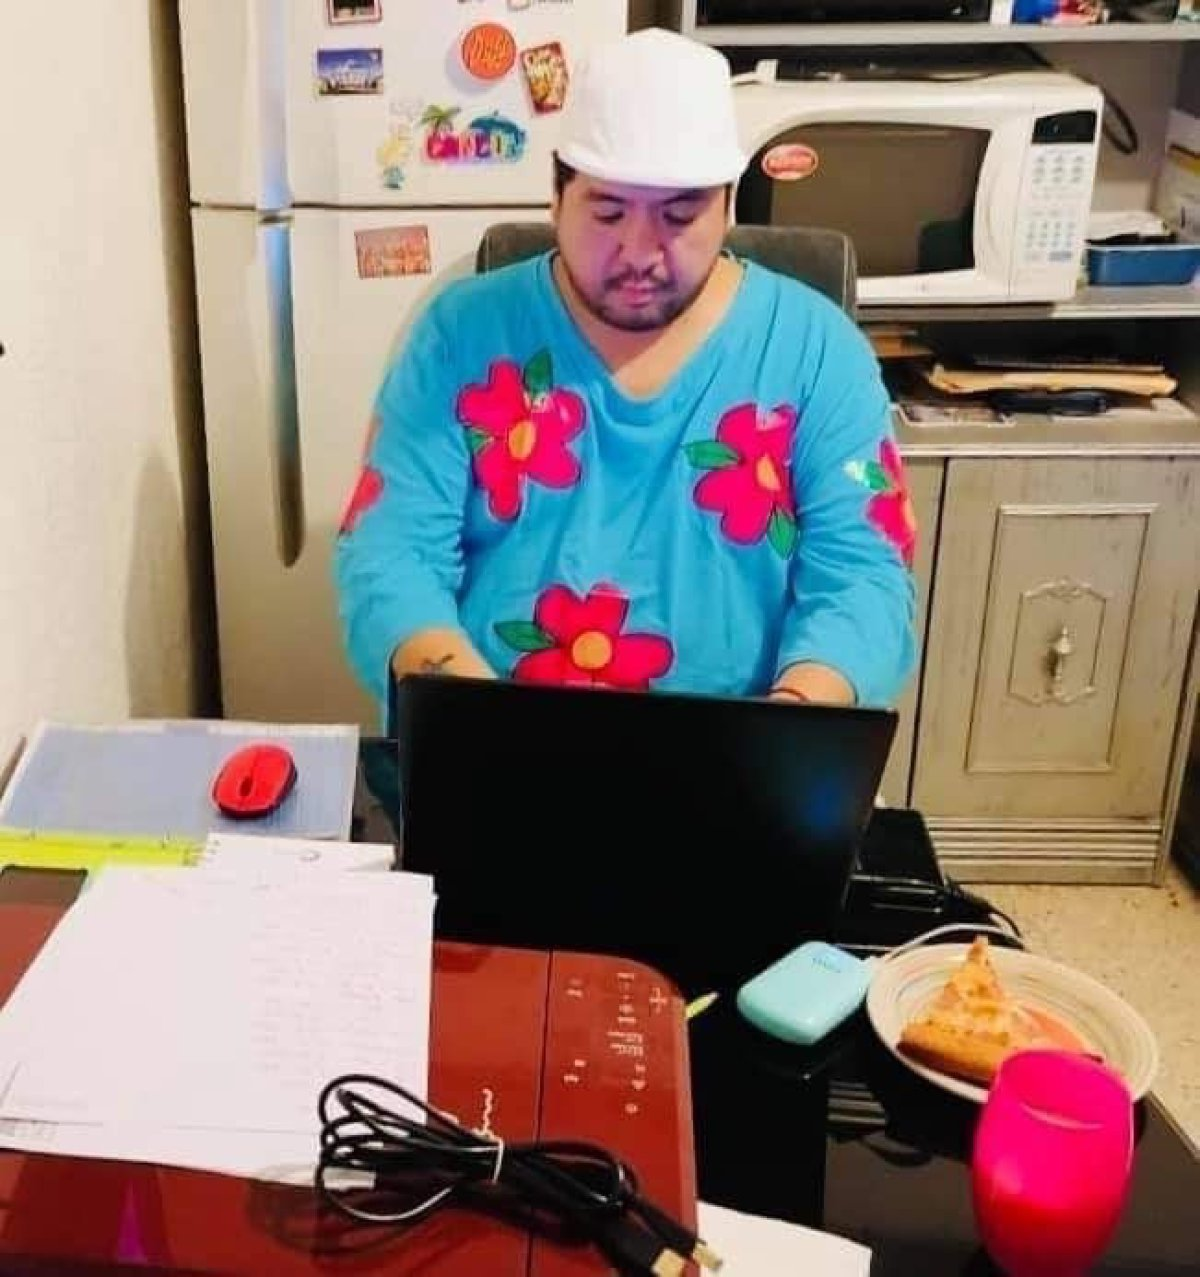 Este hombre sí que sabe cómo vestirse para trabajar desde casa...